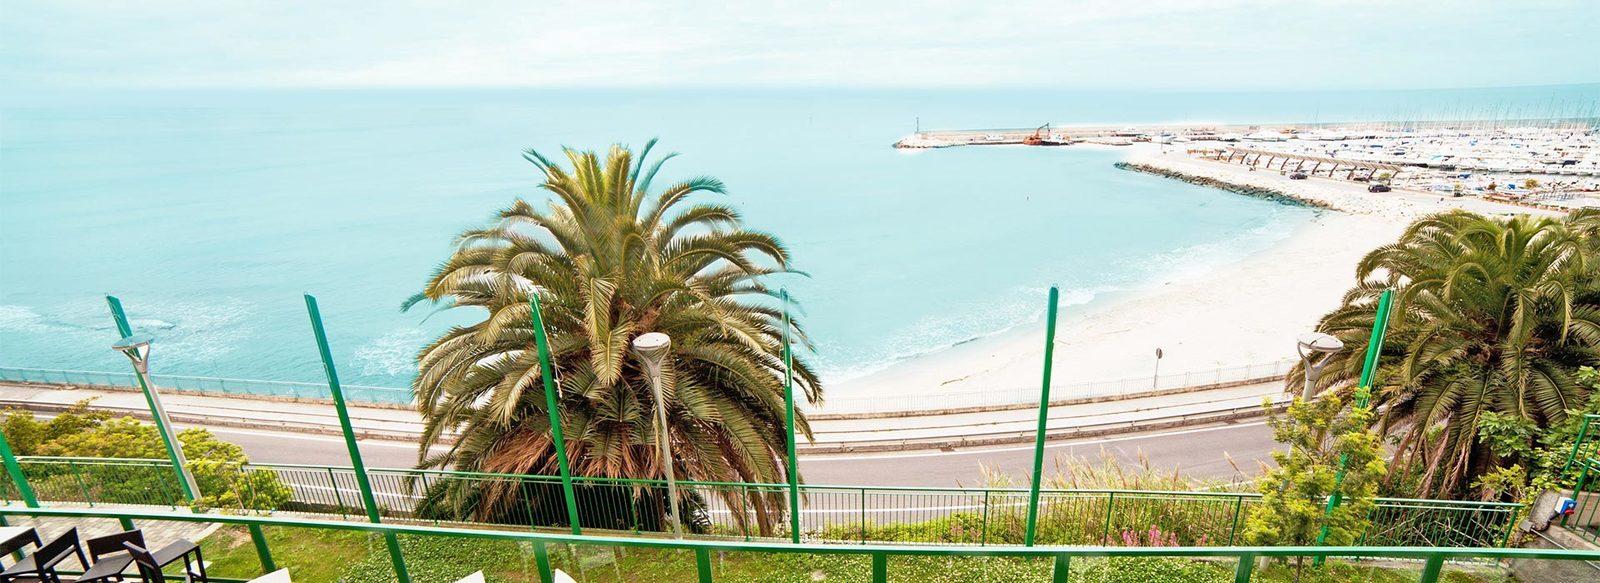 Direttamente sul mare, sulla Riviera delle Palme